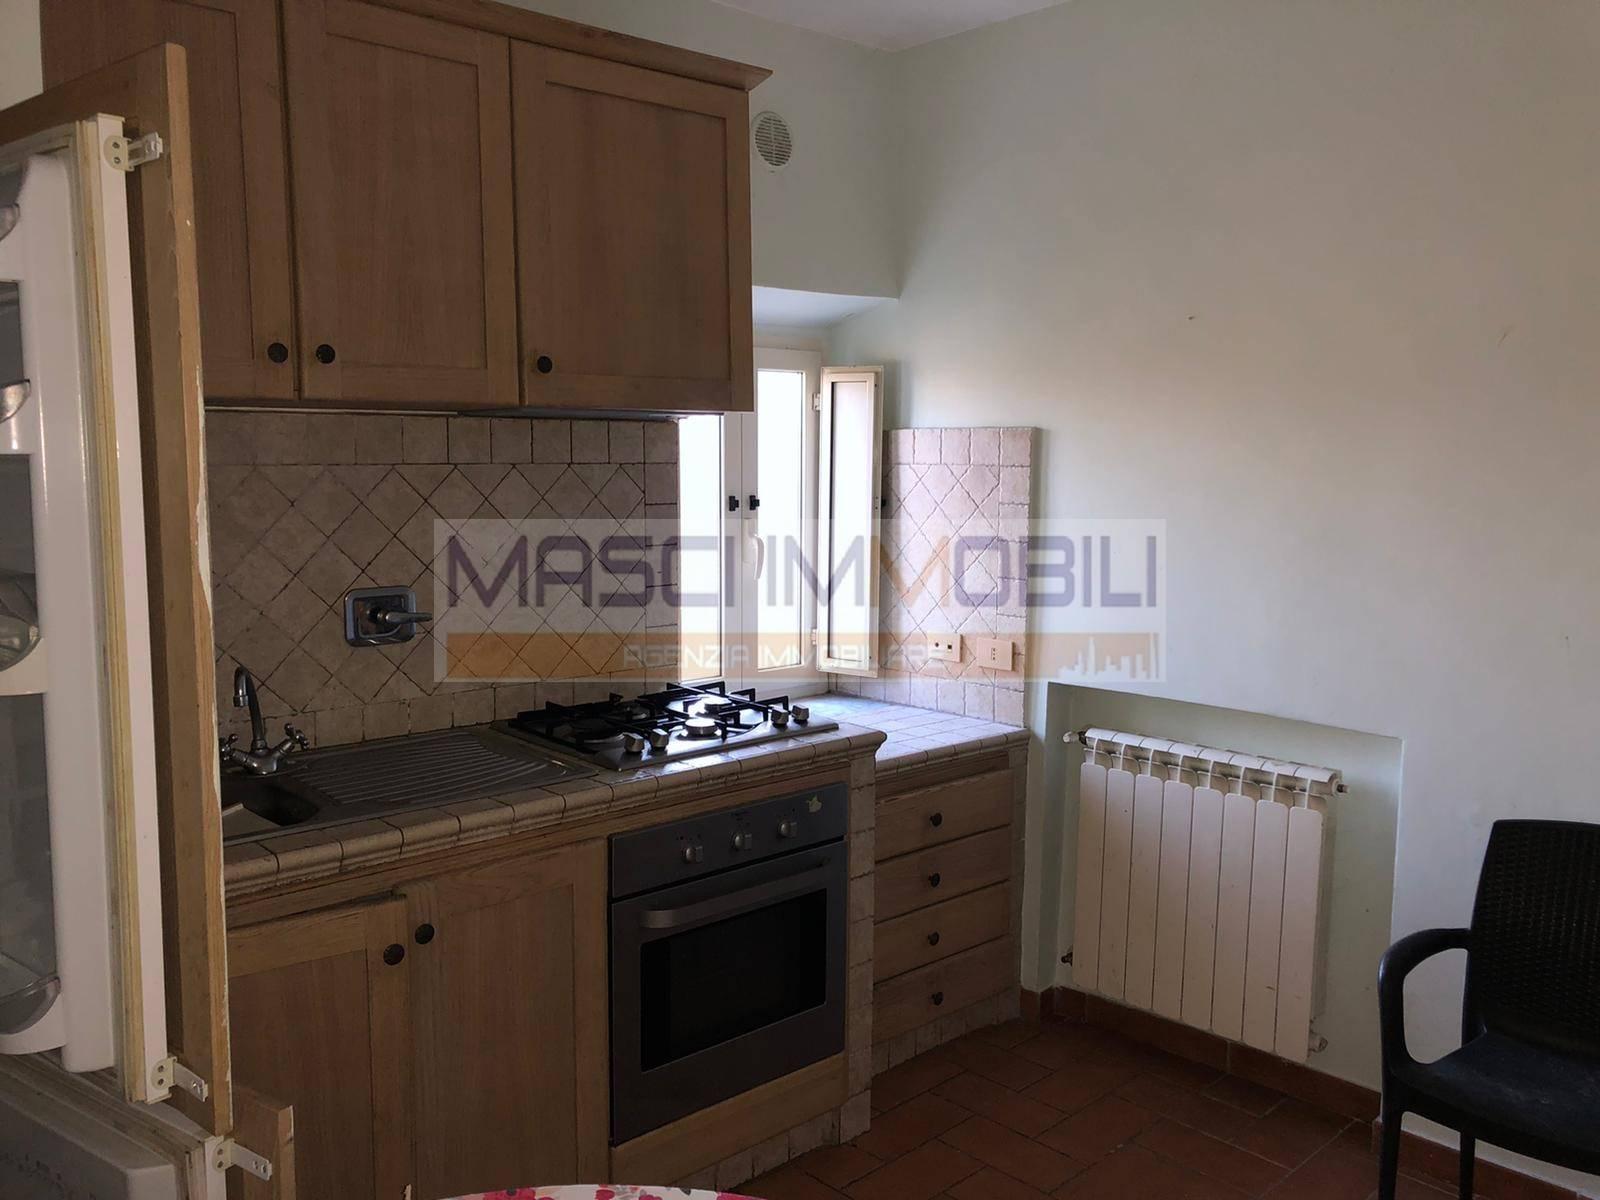 Appartamento in vendita a Civitella San Paolo, 2 locali, prezzo € 30.000 | CambioCasa.it